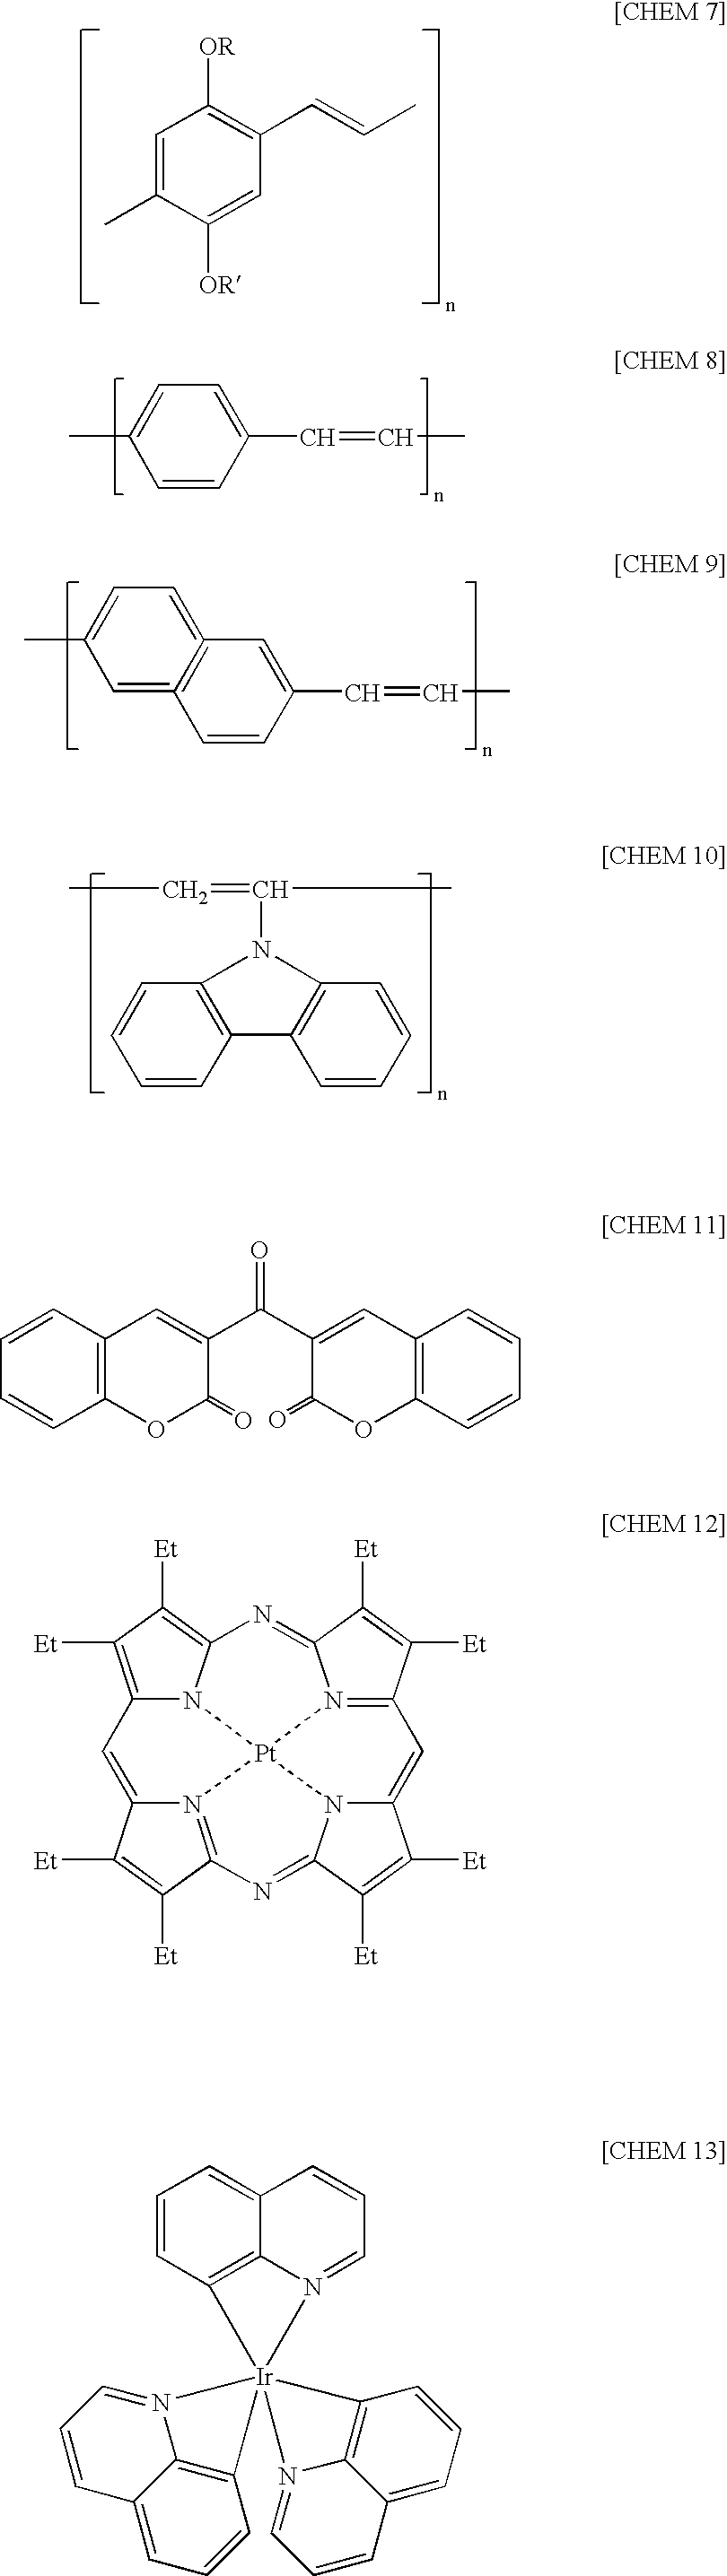 Figure US20050208863A1-20050922-C00002